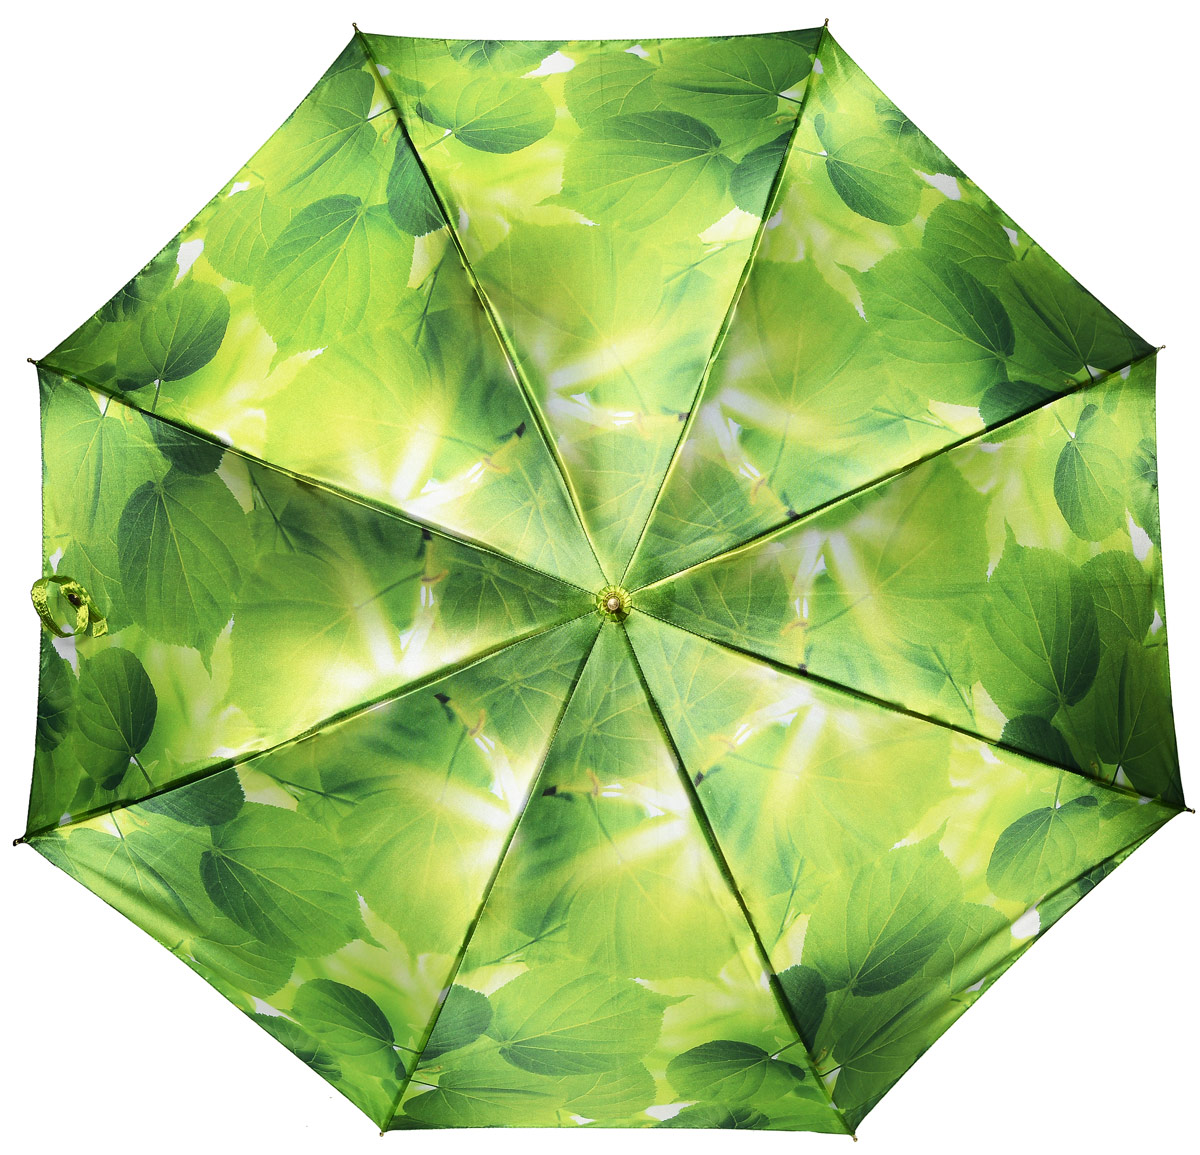 Зонт женский Henry Backer, цвет: зеленый. U11202 Summer leavesП300020005-20Женский зонт-трость «Летние листья» с сатиновым куполом, зеленый, автоматУдивительно приятный зонт. Ветроустойчивый каркас выполнен из стали и фибергласса.